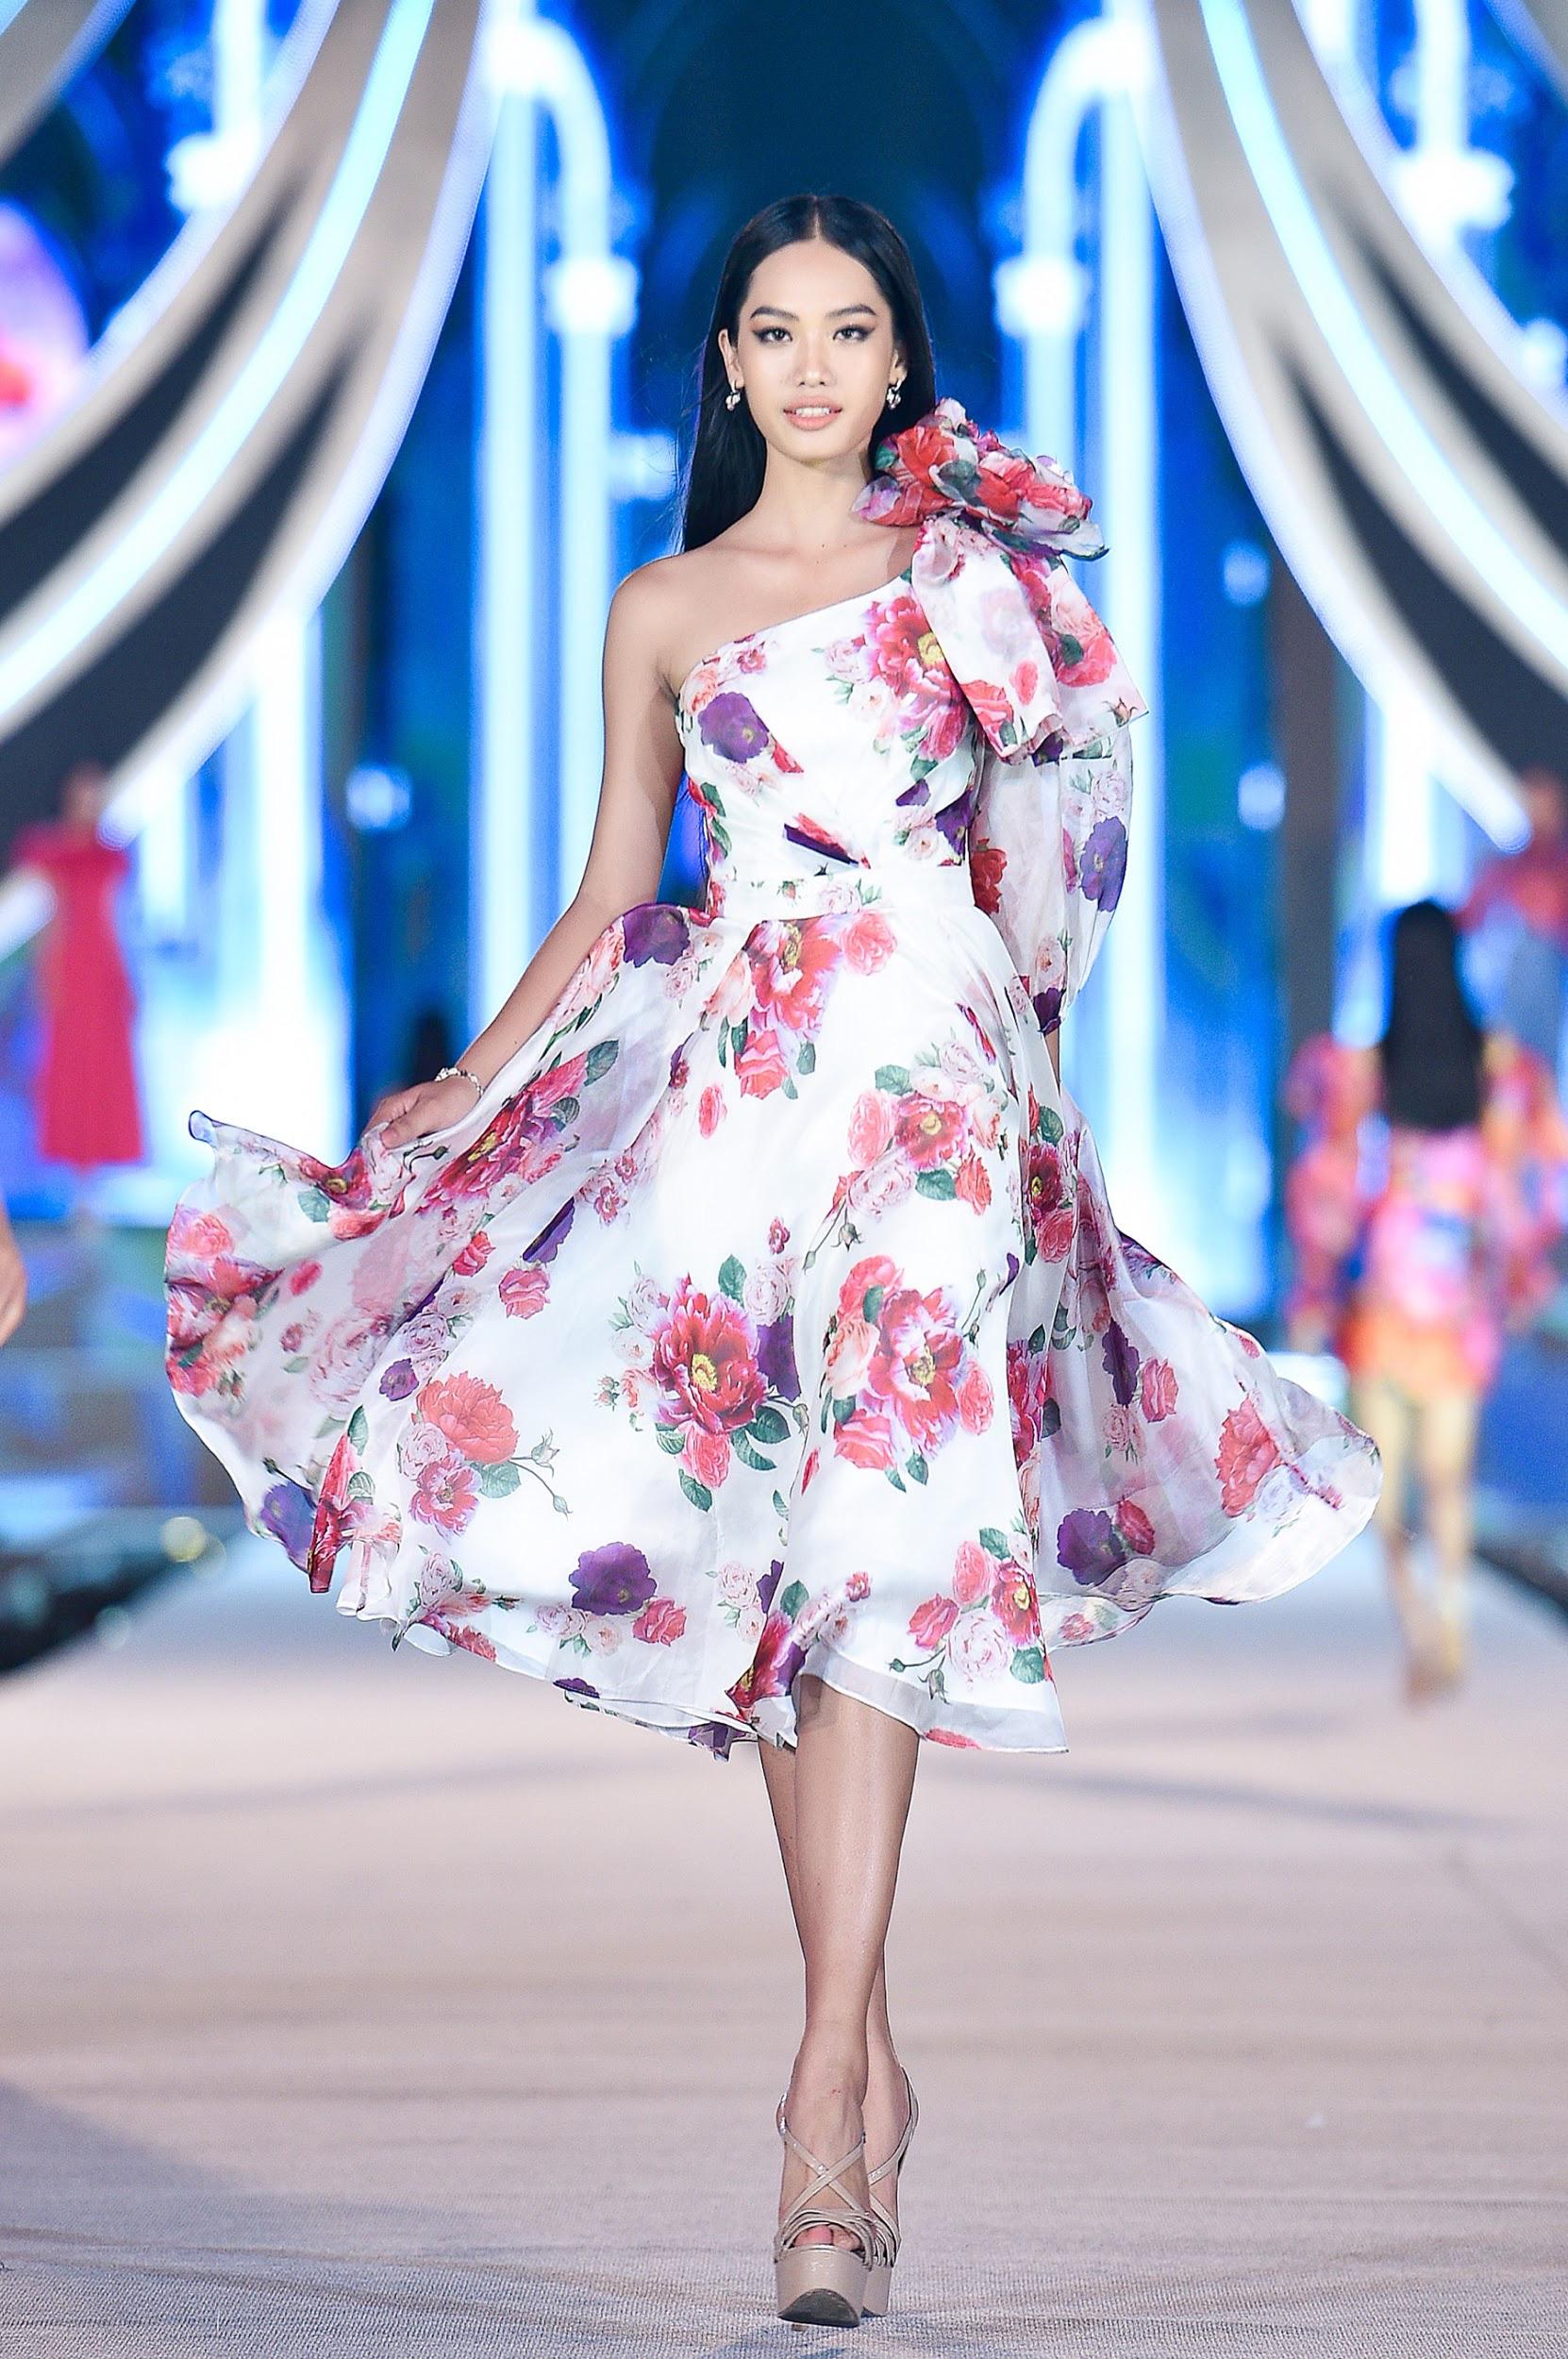 Mãn nhãn với đêm thi Người đẹp Thời trang của các thí sinh HHVN 2020 trong trang phục Neva - Ảnh 3.